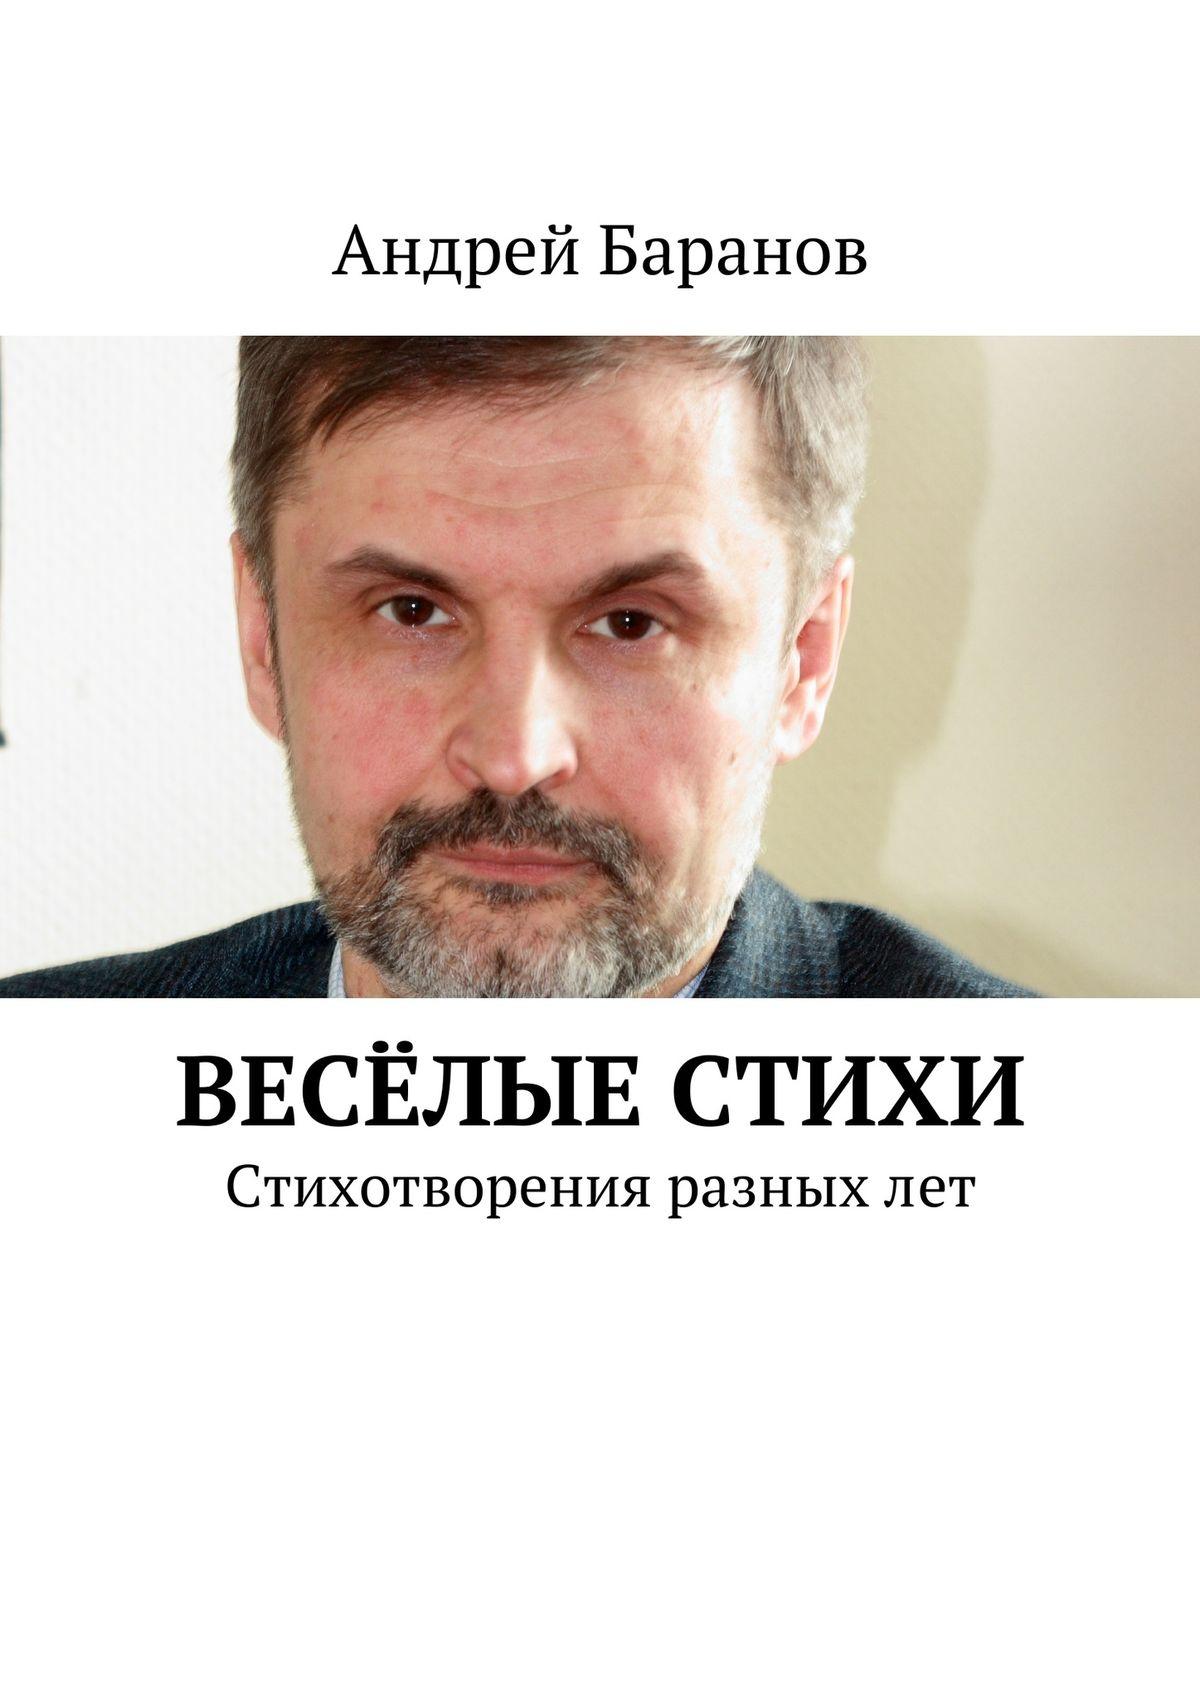 Андрей Баранов Весёлые стихи баранов андрей андрей баранов мамакабо